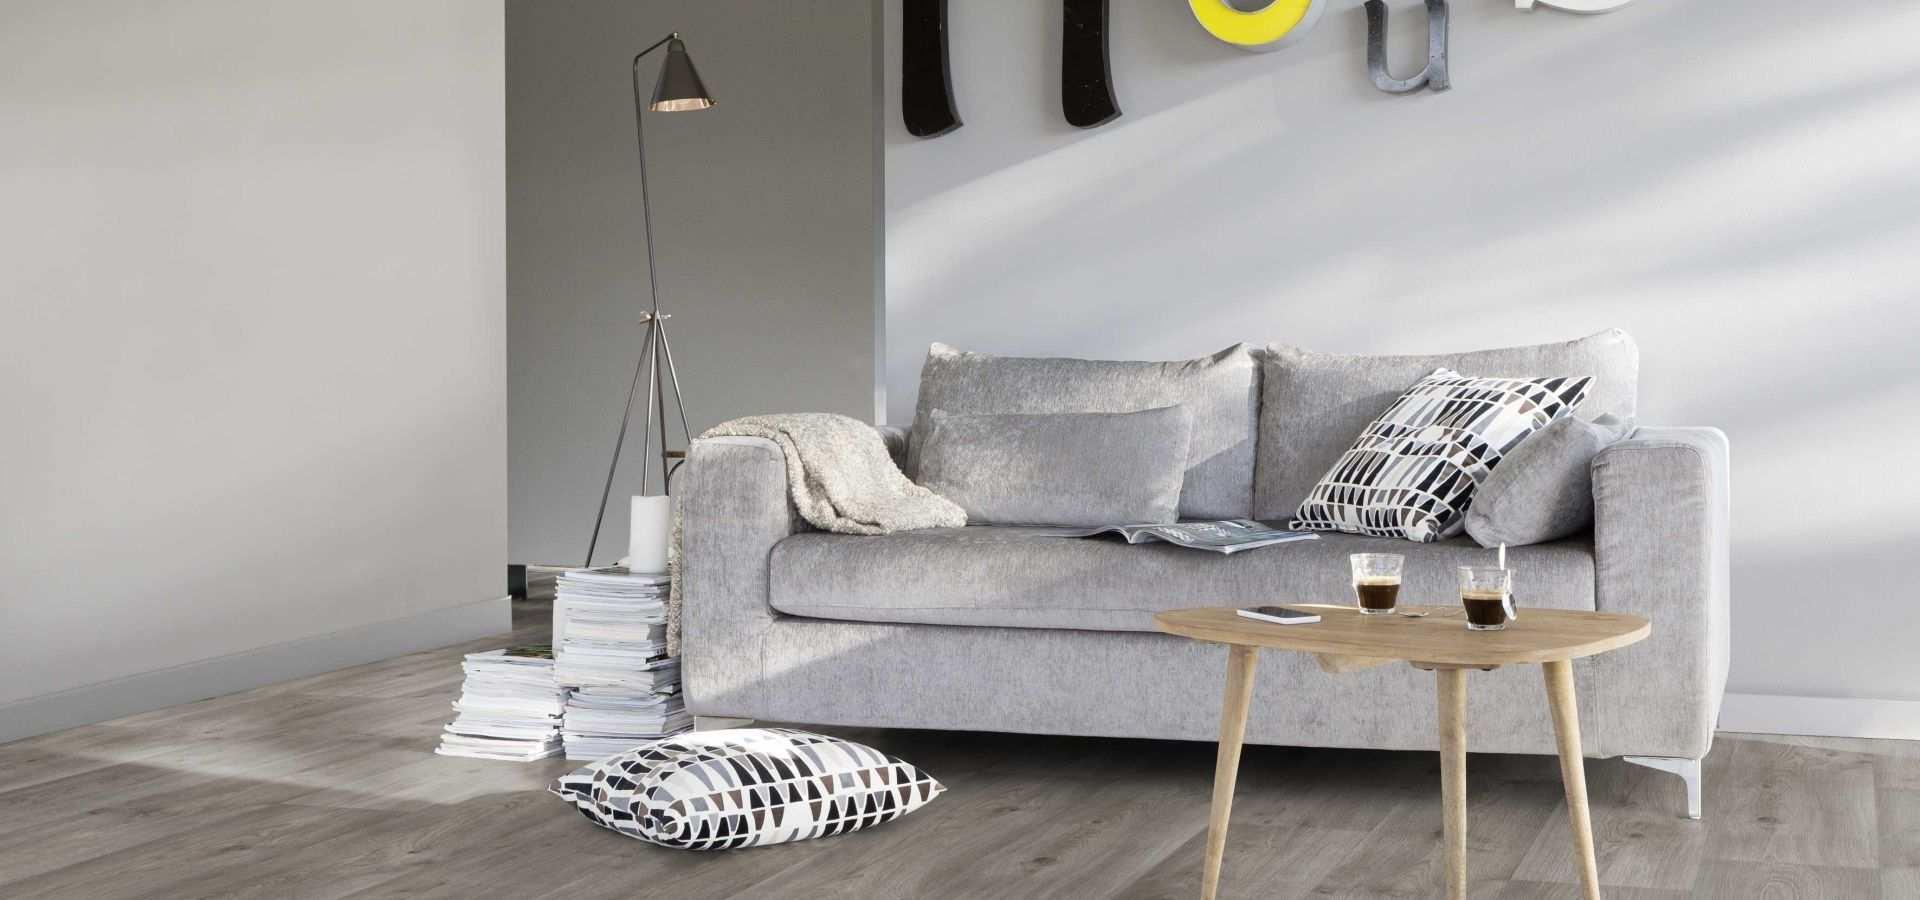 Bild Wohnen CV Boden Wohnzimmer graue Holzoptik